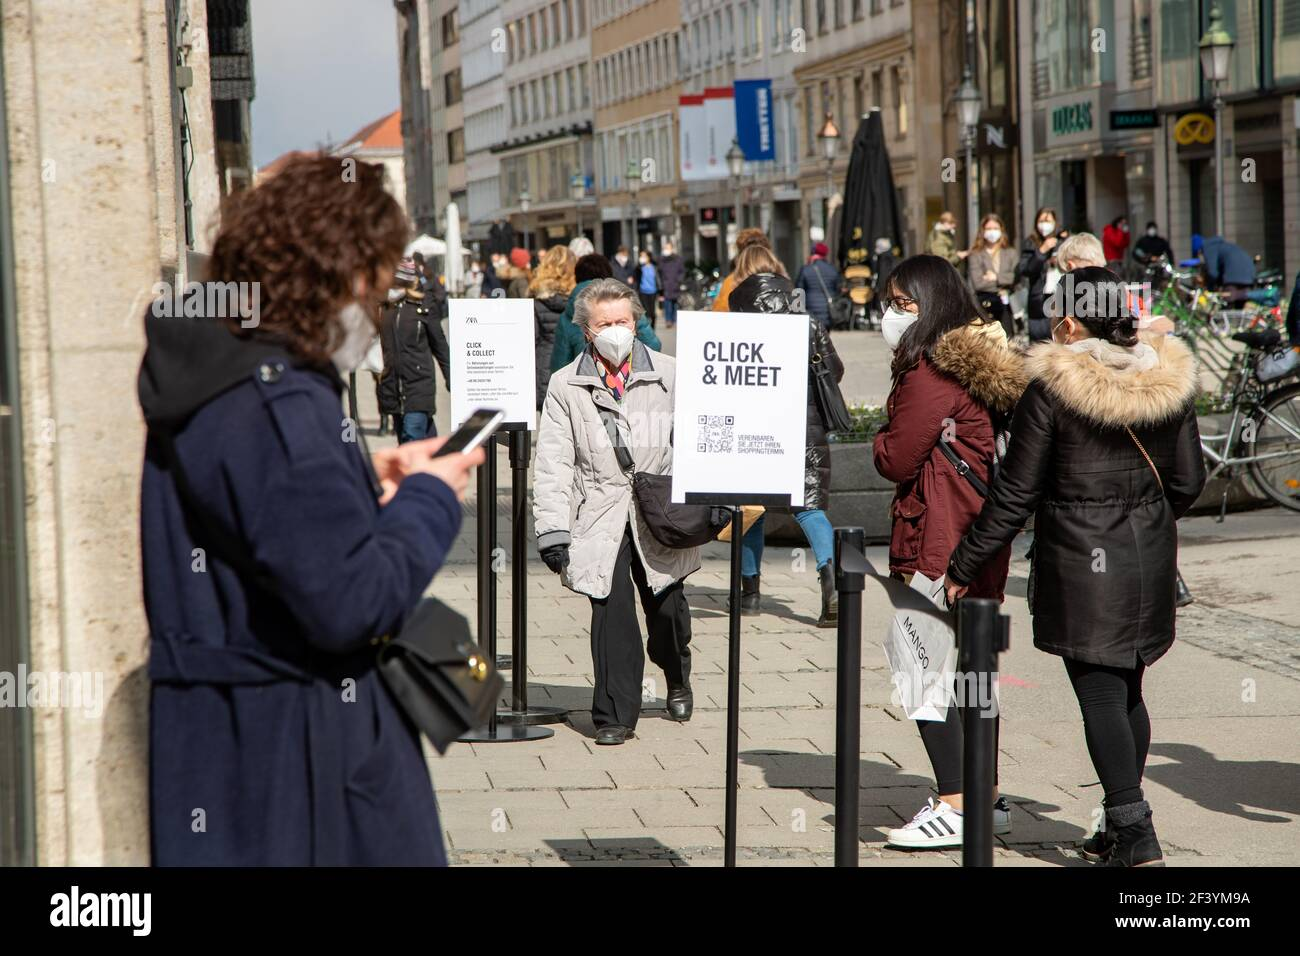 Junge Frau vereinbart Click & Meet Termin, um in ein Geschäft zu kommen. Während die Inzidenz in München weiter ansteigt und evtl. bald die Geschäfte wieder schließen müssen, sind viele Menschen am 18. März 2021 in der Münchner Innenstadt unterwegs und kaufen ein. Die neuen Varianten des Coronavirus betragen in der Landeshauptstadt aktuell fast 70%. * While the incidence is rising and the shops may have to close again, many people on March 18 2021 go to the pedestrian zone in Munich, Germany and buy stuff. The number of new variants in Munich is about 70%. (Photo by Alexander Pohl/Sipa USA Stock Photo